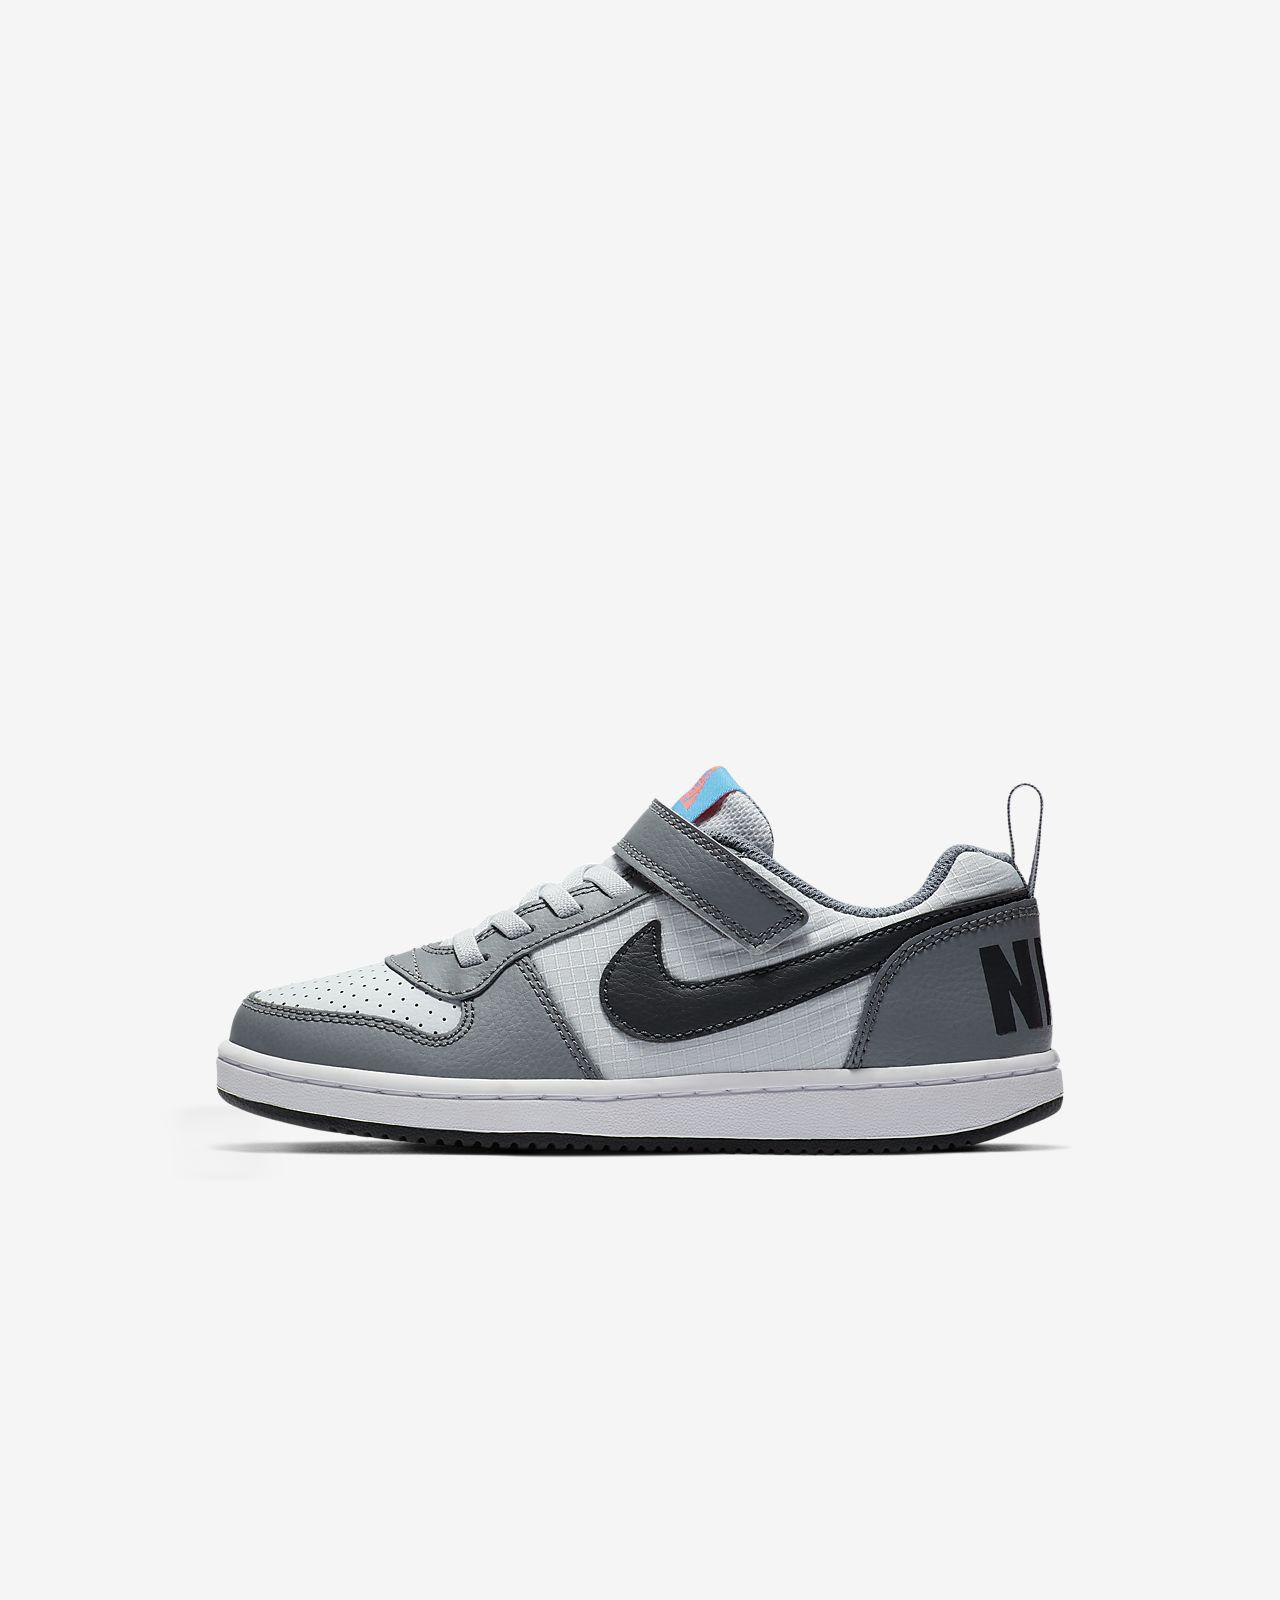 NikeCourt Borough Low Younger Kids' Shoe